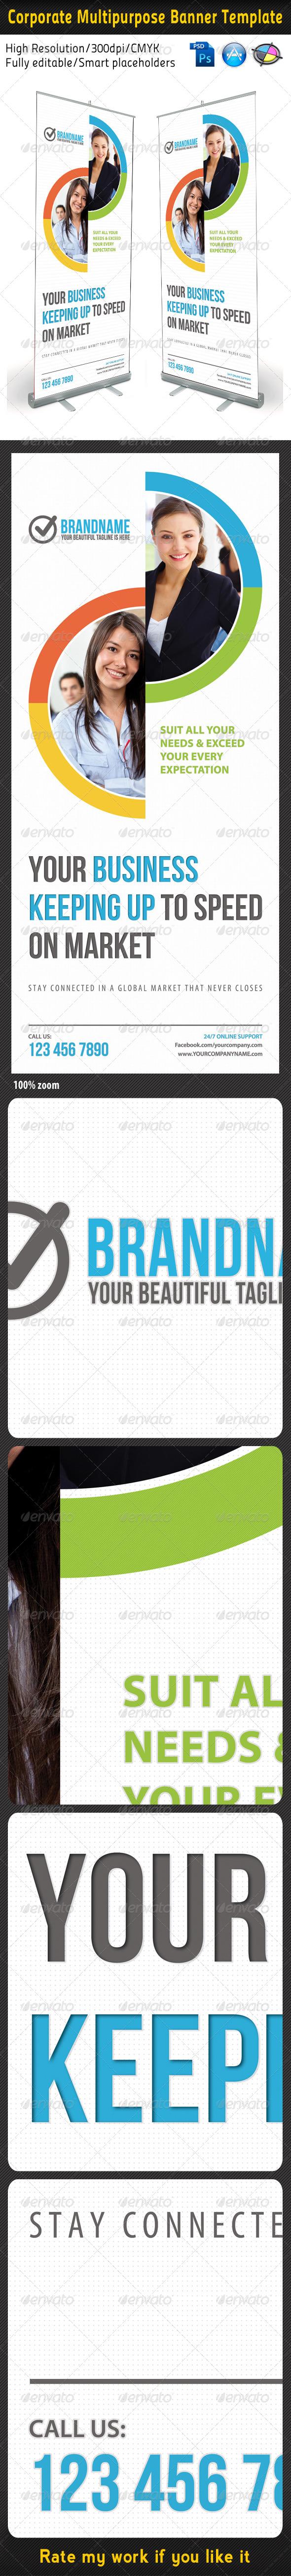 GraphicRiver Corporate Multipurpose Banner Template 5219463